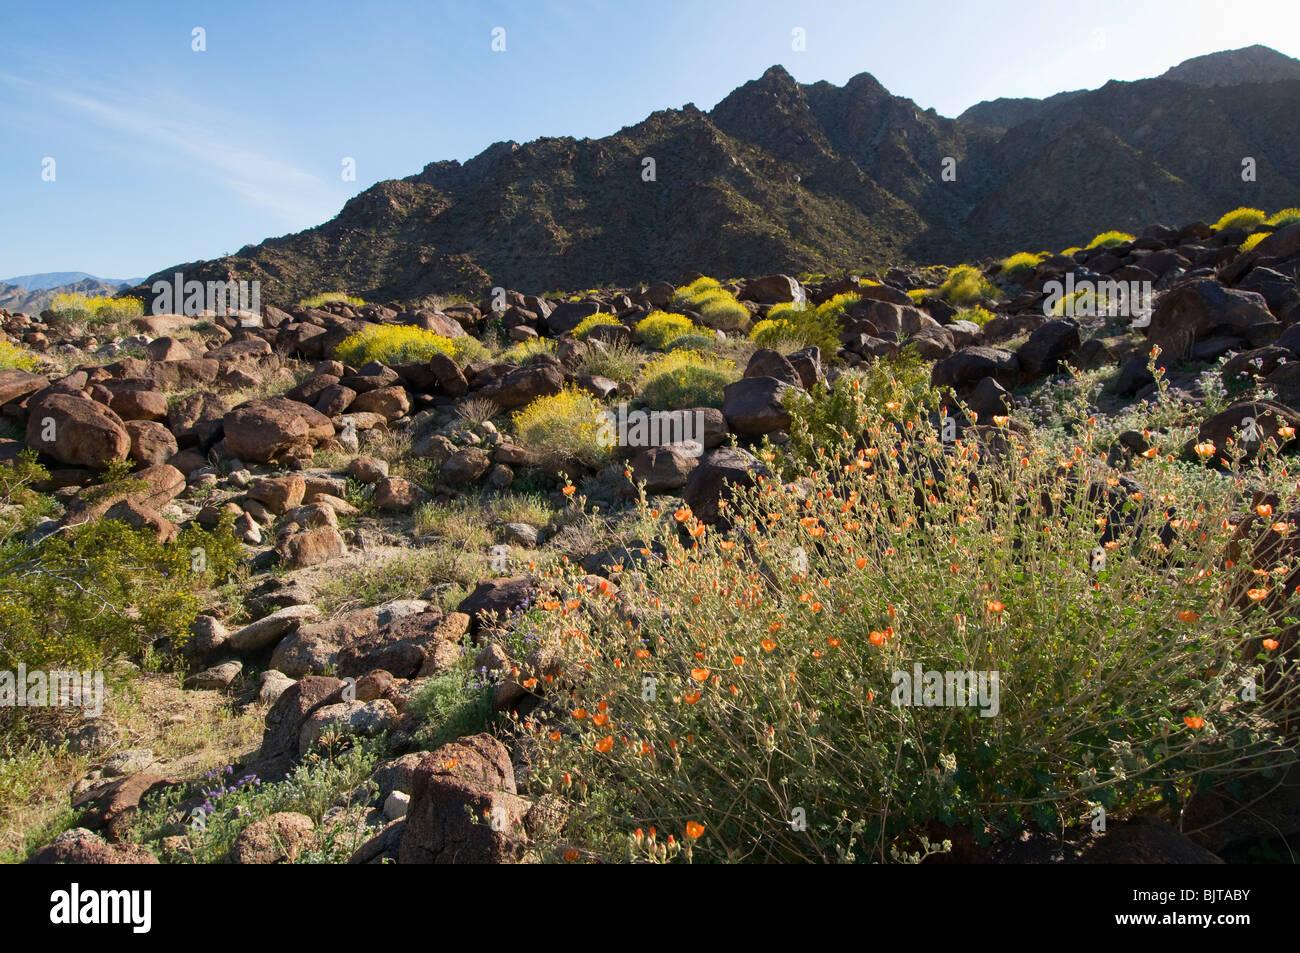 Palm springs spring flowers in desert stock photos palm springs springtime wild flowers blooming in the desert near palm springs california stock image mightylinksfo